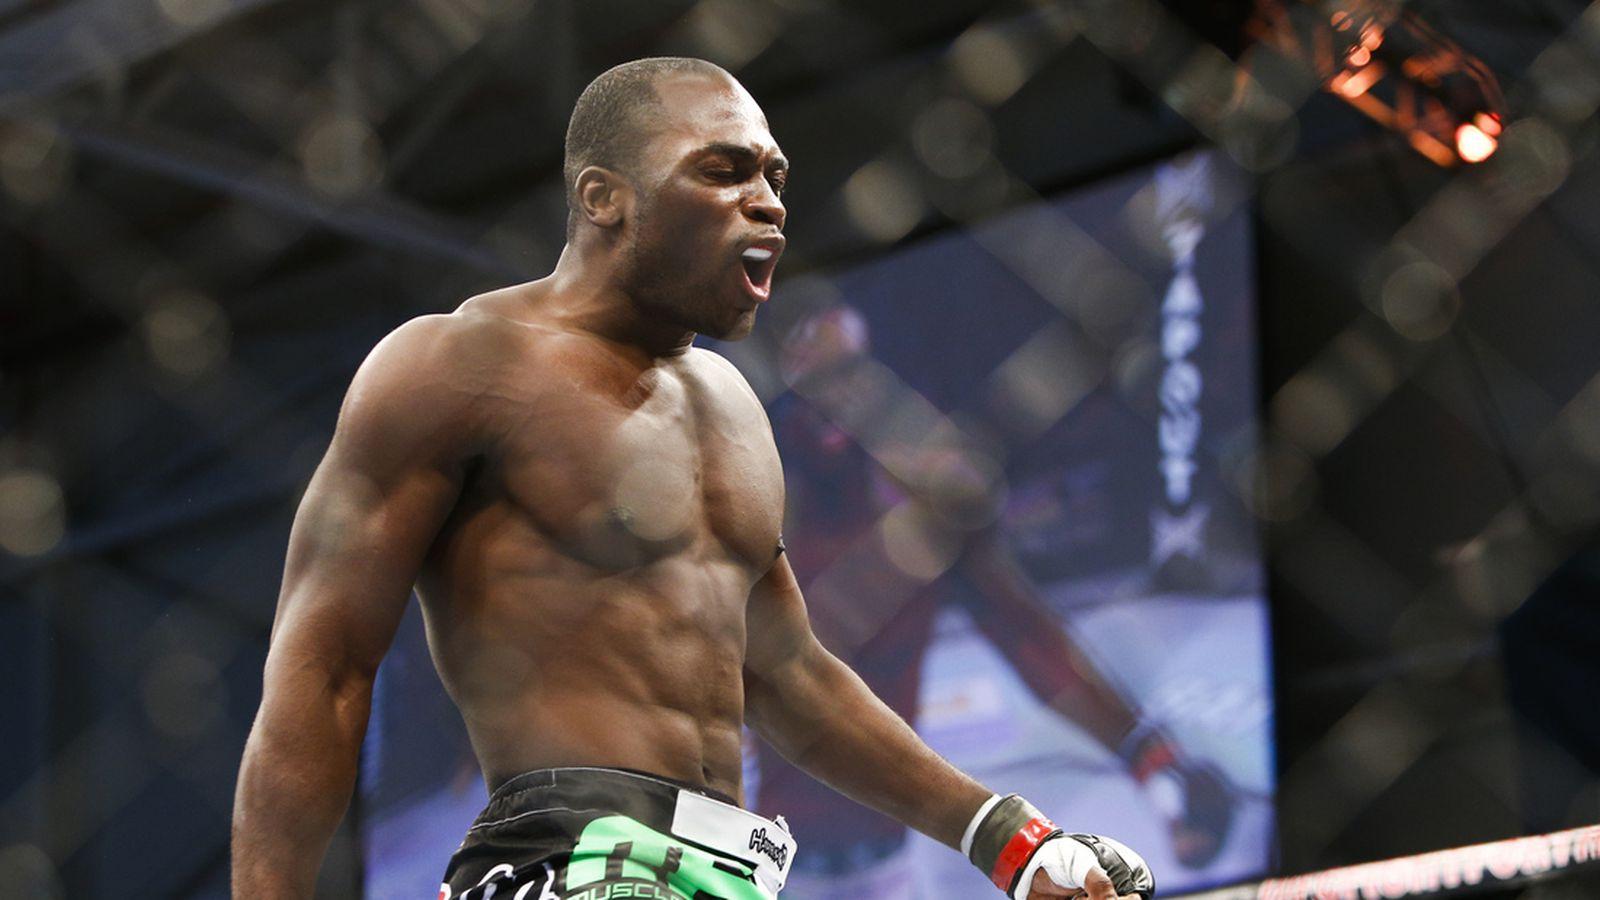 Derek Brunson gets quick turnaround, faces Robert Whittaker at UFC Fight Night 101